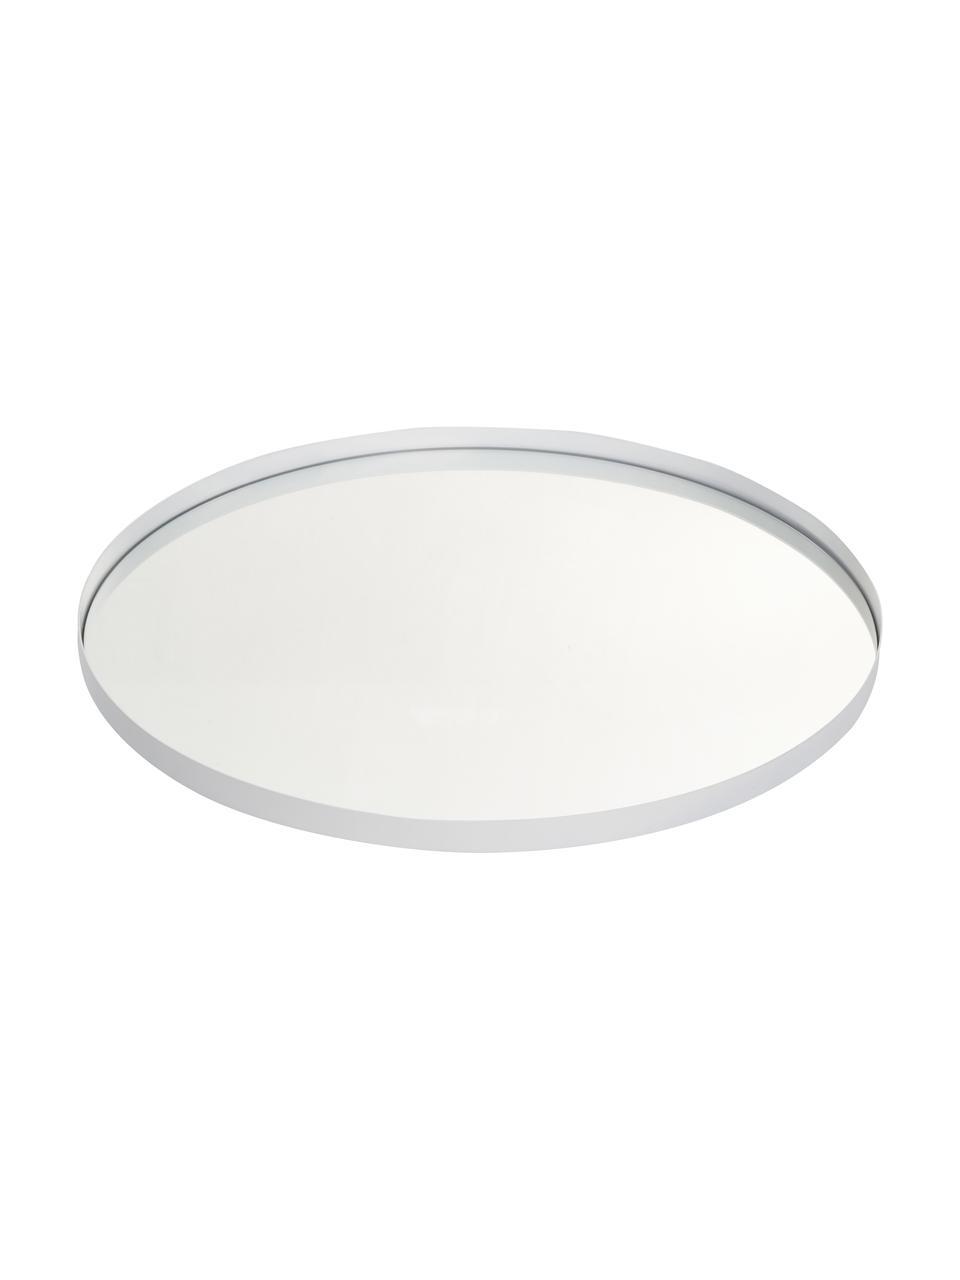 Runder Wandspiegel Ivy mit weißem Rahmen, Rahmen: Metall, pulverbeschichtet, Spiegelfläche: Spiegelglas, Rückseite: Mitteldichte Holzfaserpla, Weiß, Ø 55 cm